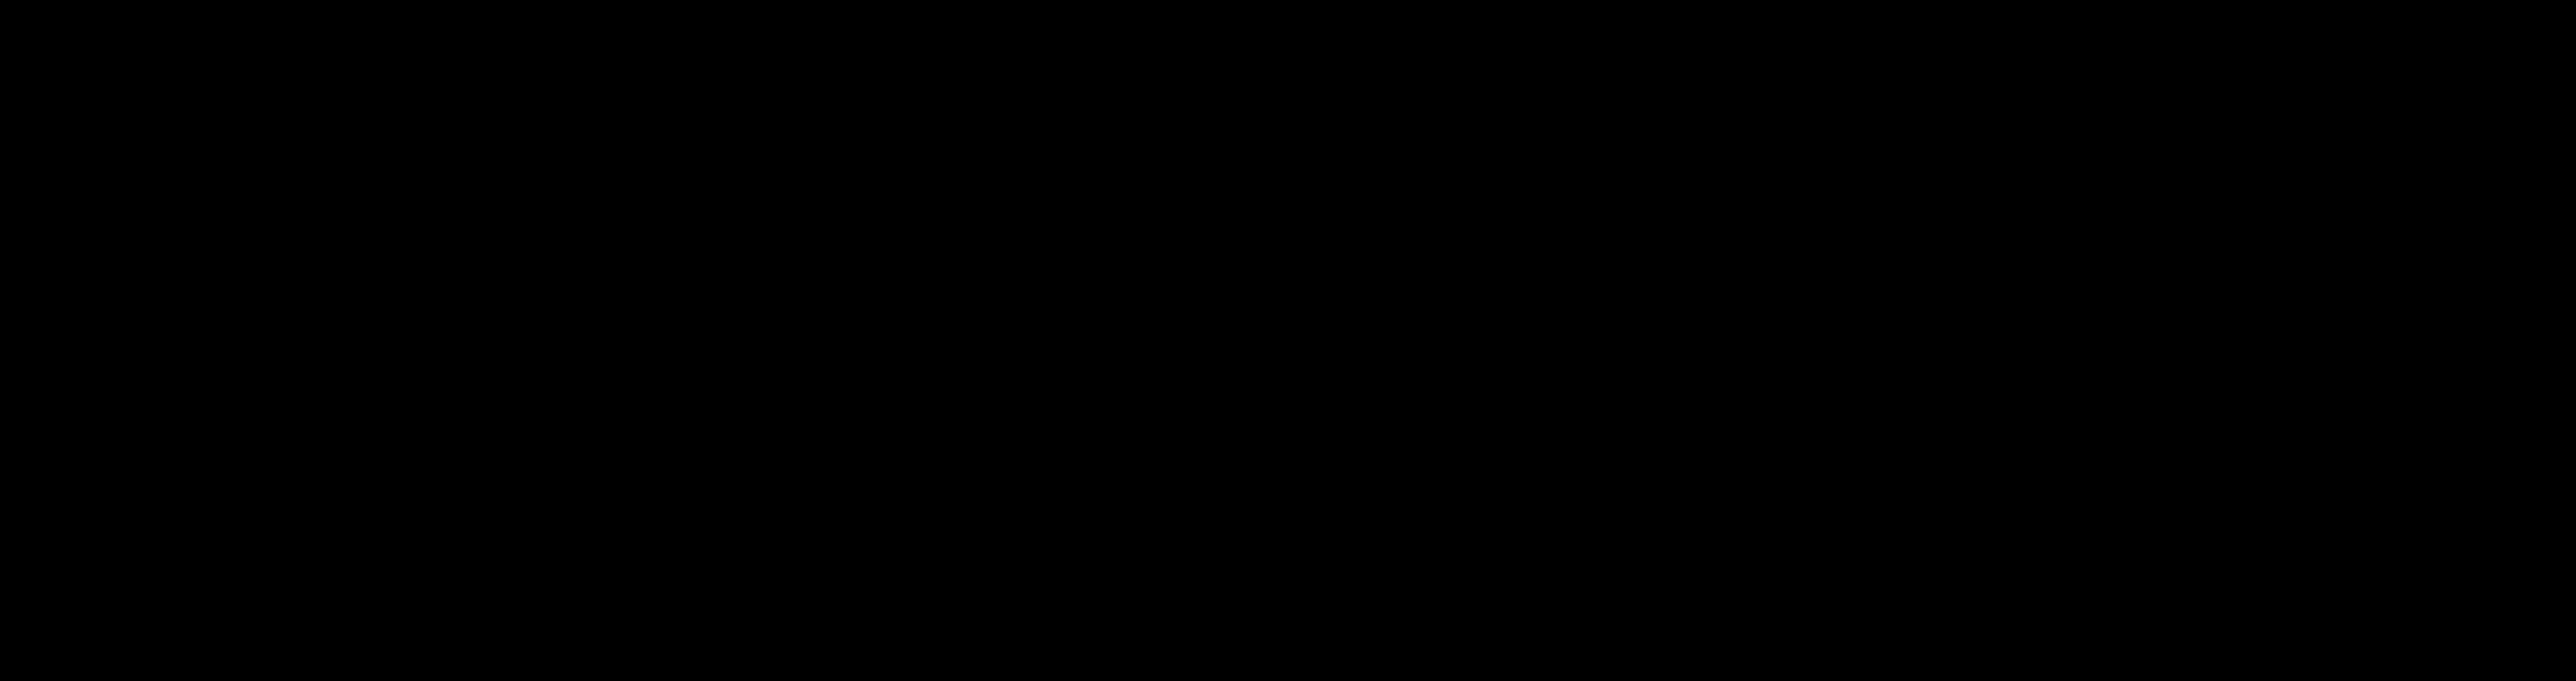 Ruunaan retkeilykeskus retkeily